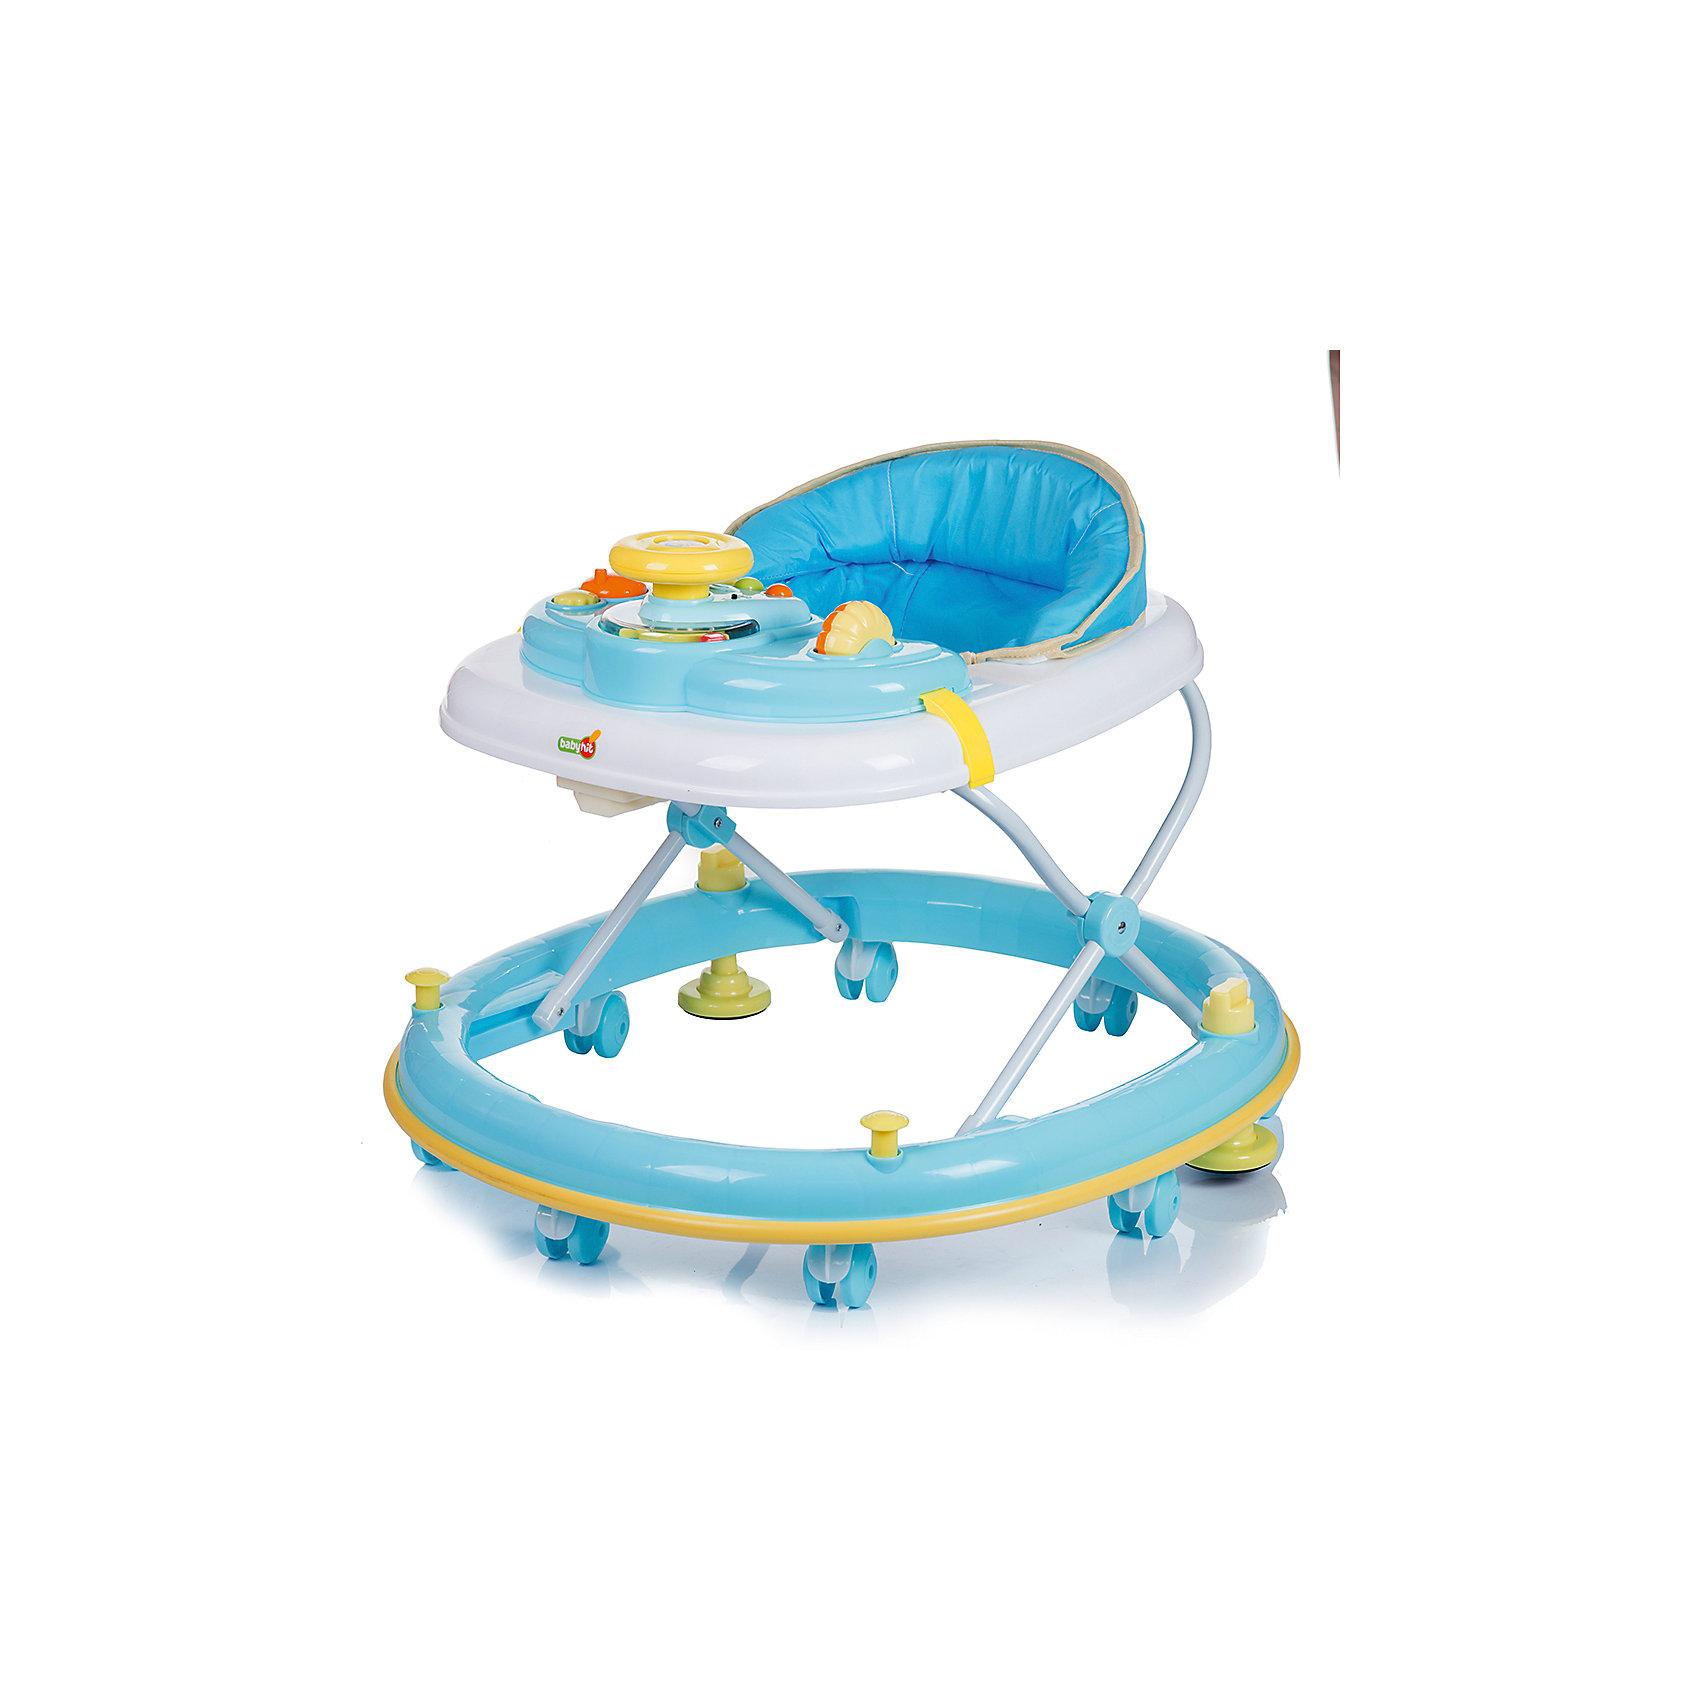 Ходунки CLEVER, Babyhit, голубойХодунки<br>Характеристики:<br><br>• закругленная база с мягкой окантовкой;<br>• защита от появления царапин на мебели и стенах;<br>• регулируется высота ходунков, 3 положения;<br>• игровая панель с развивающими игрушками;<br>• световое и звуковое сопровождение;<br>• наличие сдвоенных колесиков со стопорами;<br>• съемный чехол сиденья для ухода и очистки;<br>• компактное складывание;<br>• размер упаковки: 71,5х11х66,5 см;<br>• вес: 4,8 кг.<br><br>Продуманная до мелочей конструкция ходунков предоставляет ребенку свободу перемещений в пространстве на этапе его роста и развития. Малыш находится в ходунках в сиденье-коконе, с высокой спинкой в мягкой обивке. Игровая панель для игры и развития ребенка имеет звуковой модуль и подвижные элементы. Основание ходунков имеет прорезиненную накладку по всему диаметру, которая предотвратит мелкие царапины на мебели во время путешествий ребенка в ходунках в помещении. <br><br>Ходунки CLEVER, Babyhit, цвет голубой можно купить в нашем интернет-магазине.<br><br>Ширина мм: 715<br>Глубина мм: 110<br>Высота мм: 665<br>Вес г: 4800<br>Возраст от месяцев: 6<br>Возраст до месяцев: 18<br>Пол: Унисекс<br>Возраст: Детский<br>SKU: 5500343